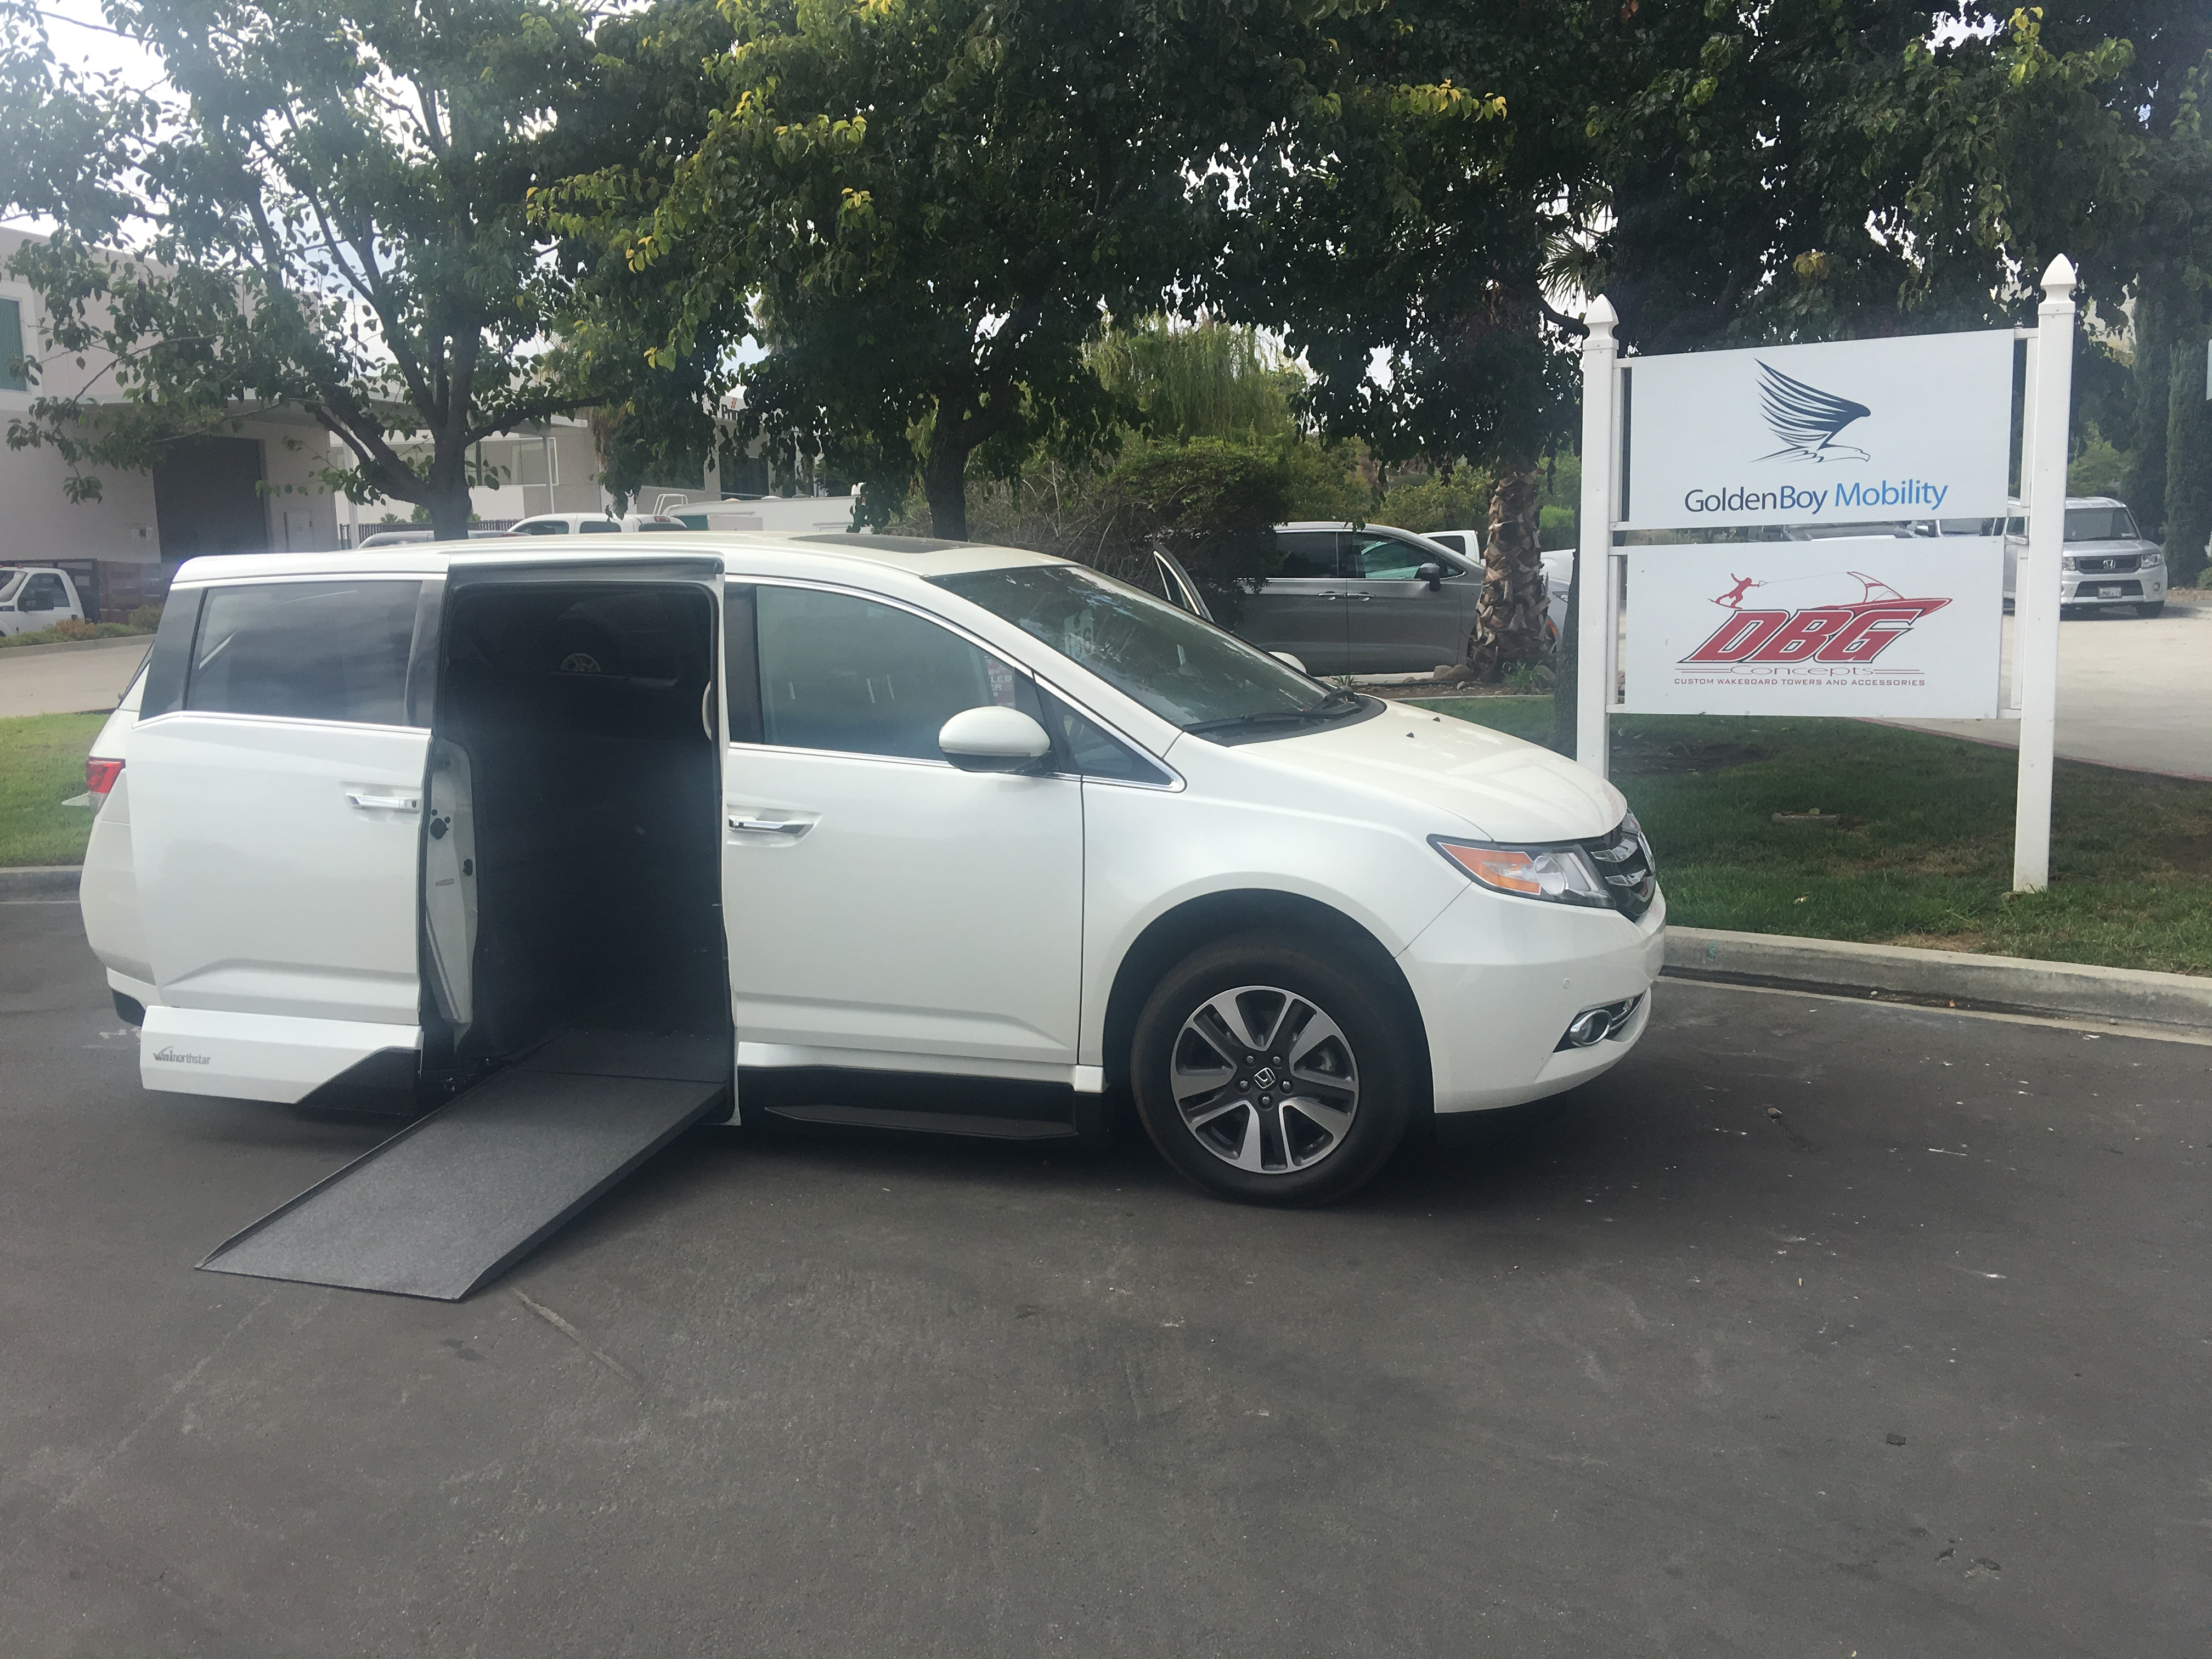 2015 Honda Odyssey Touring Elite II handicap van $53 000